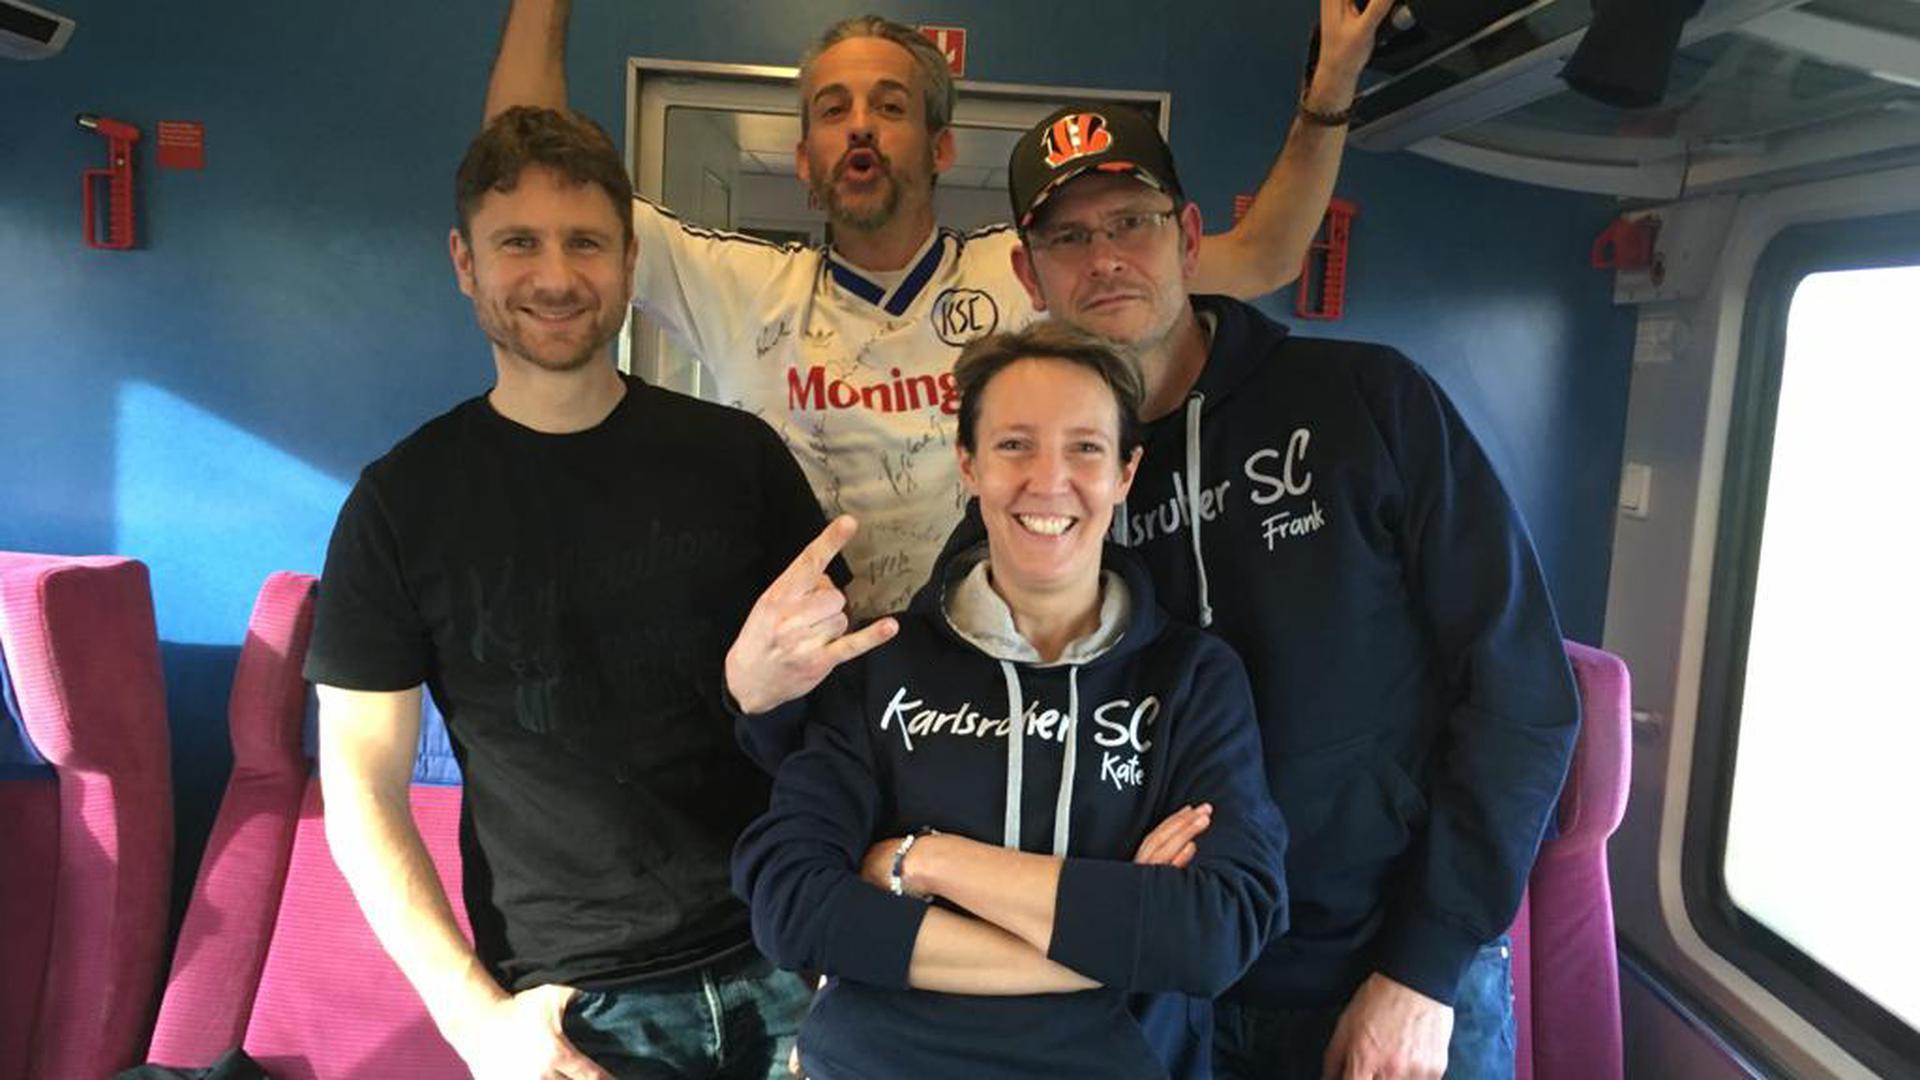 Auswärts unterwegs: Fanclubvorsitzende Katrin Schütz mit anderen Fanclubmitgliedern im Zug zum KSC-Spiel nach Lotte gegen Sportfreunde Lotte.